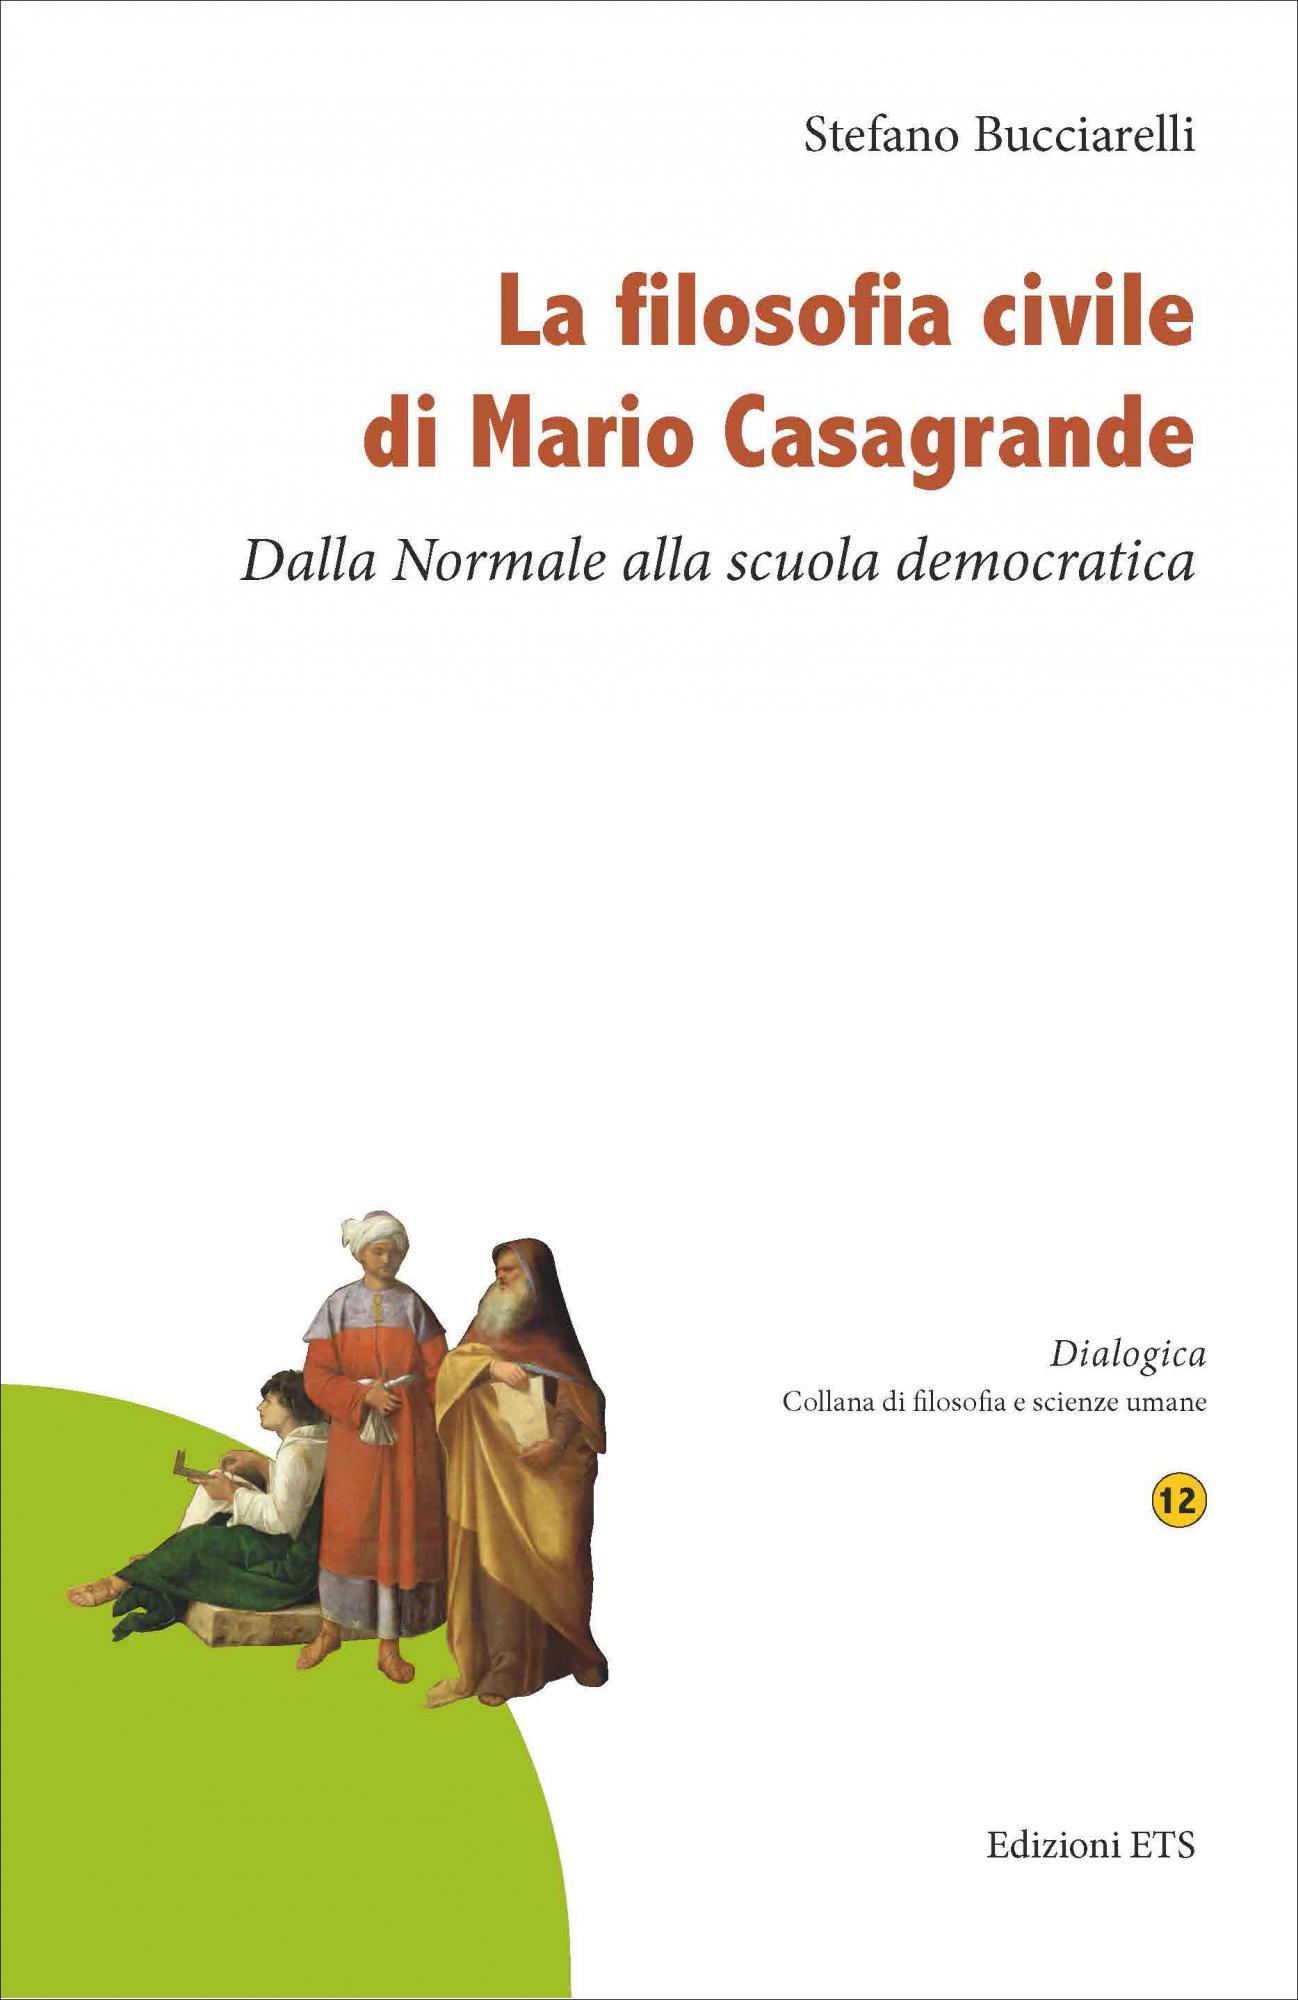 La filosofia civile di Mario Casagrande.Dalla Normale alla scuola democratica